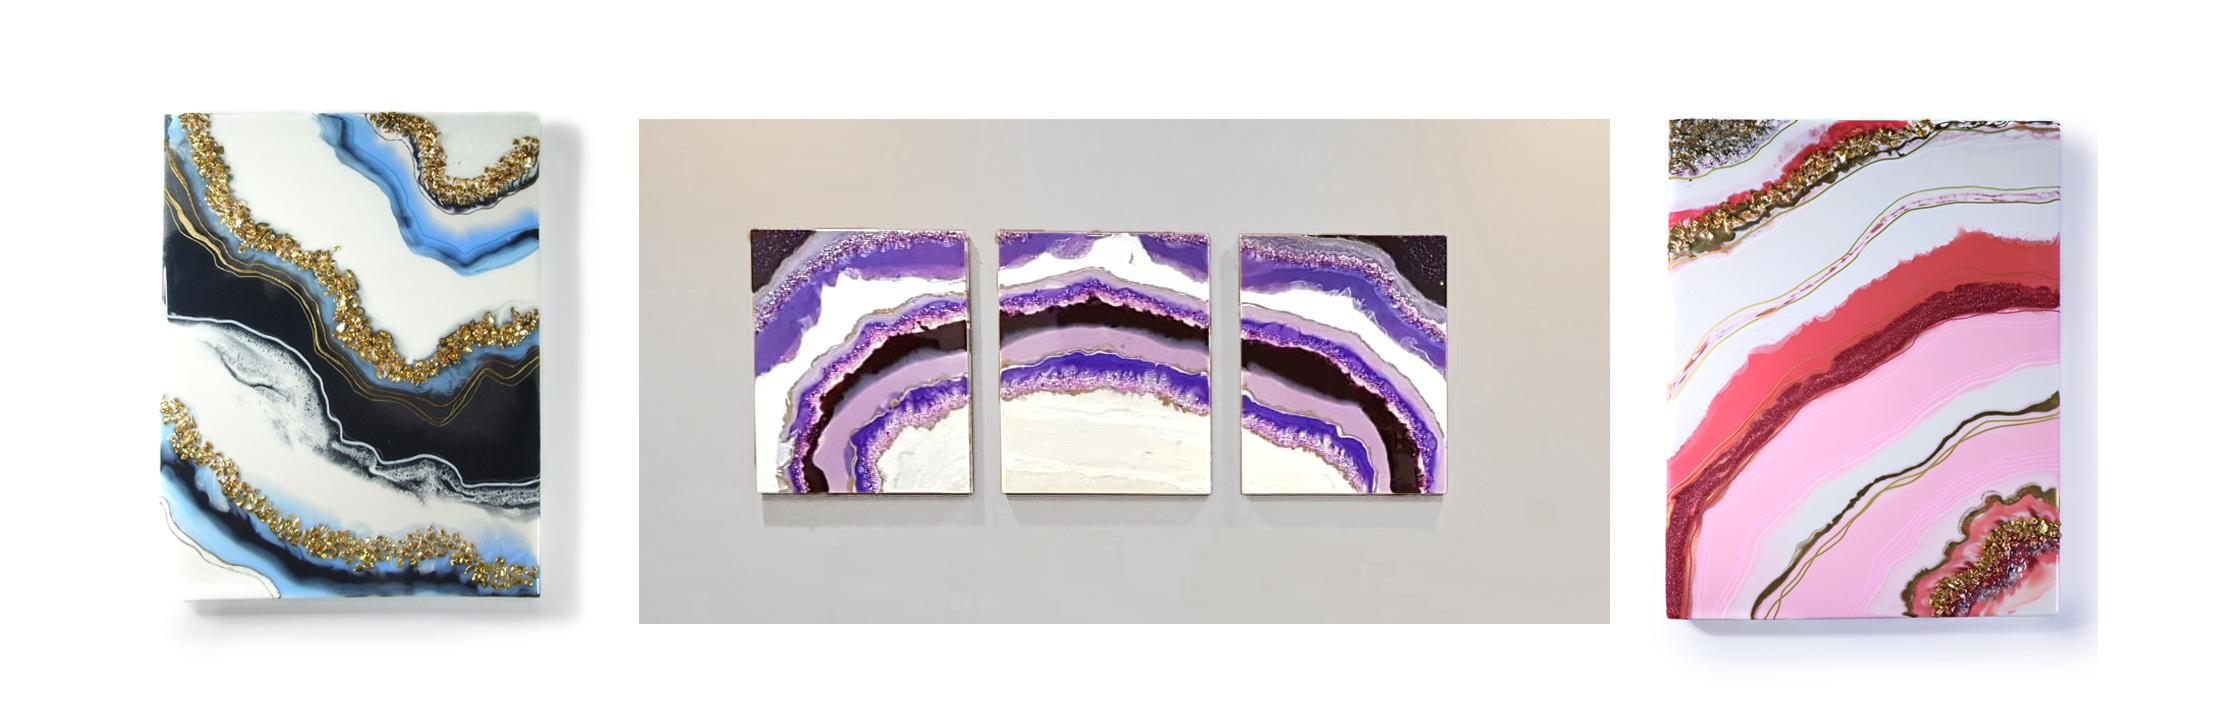 resin geode paintings